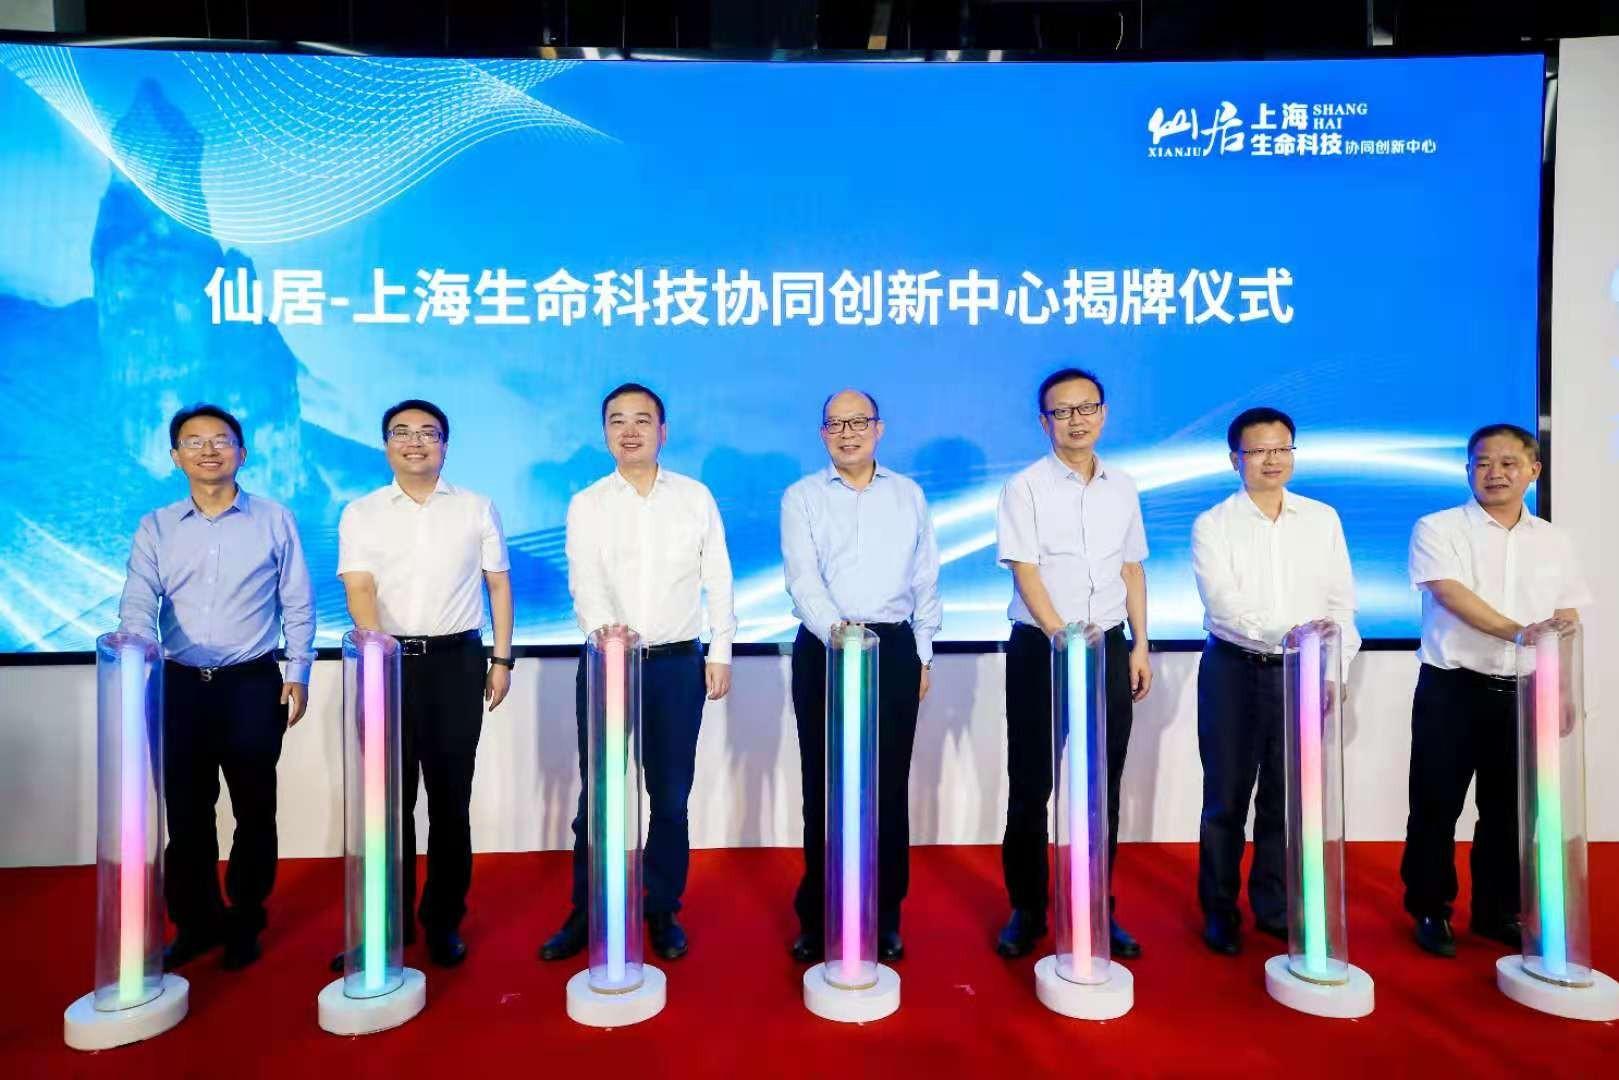 仙居-上海生命科技协同创新中心揭牌仪式在沪举行